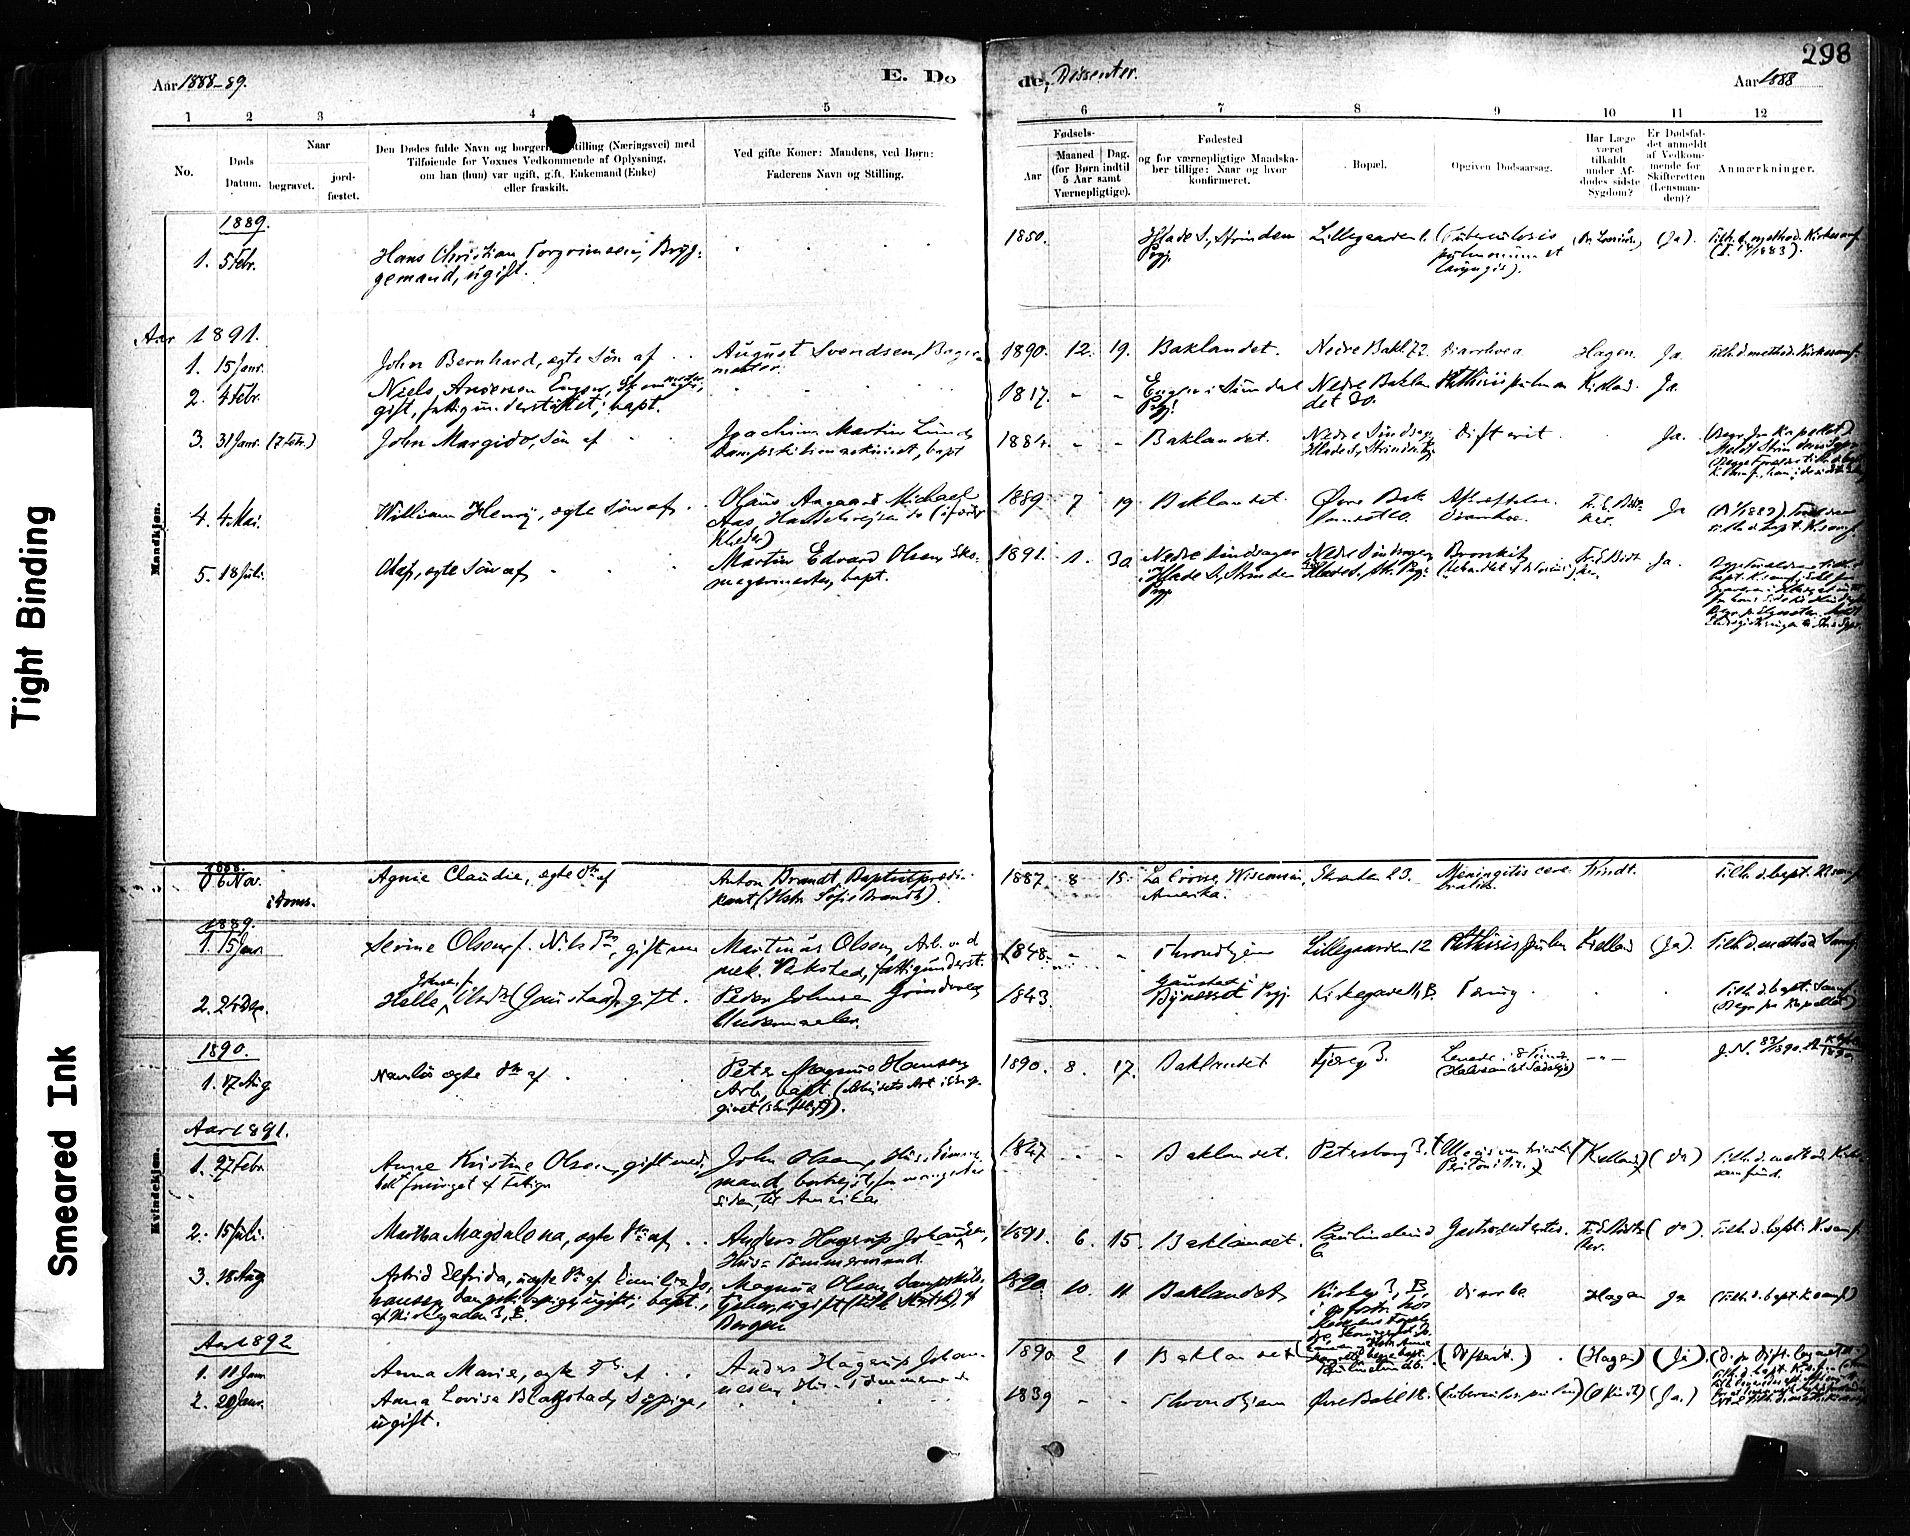 SAT, Ministerialprotokoller, klokkerbøker og fødselsregistre - Sør-Trøndelag, 604/L0189: Ministerialbok nr. 604A10, 1878-1892, s. 298